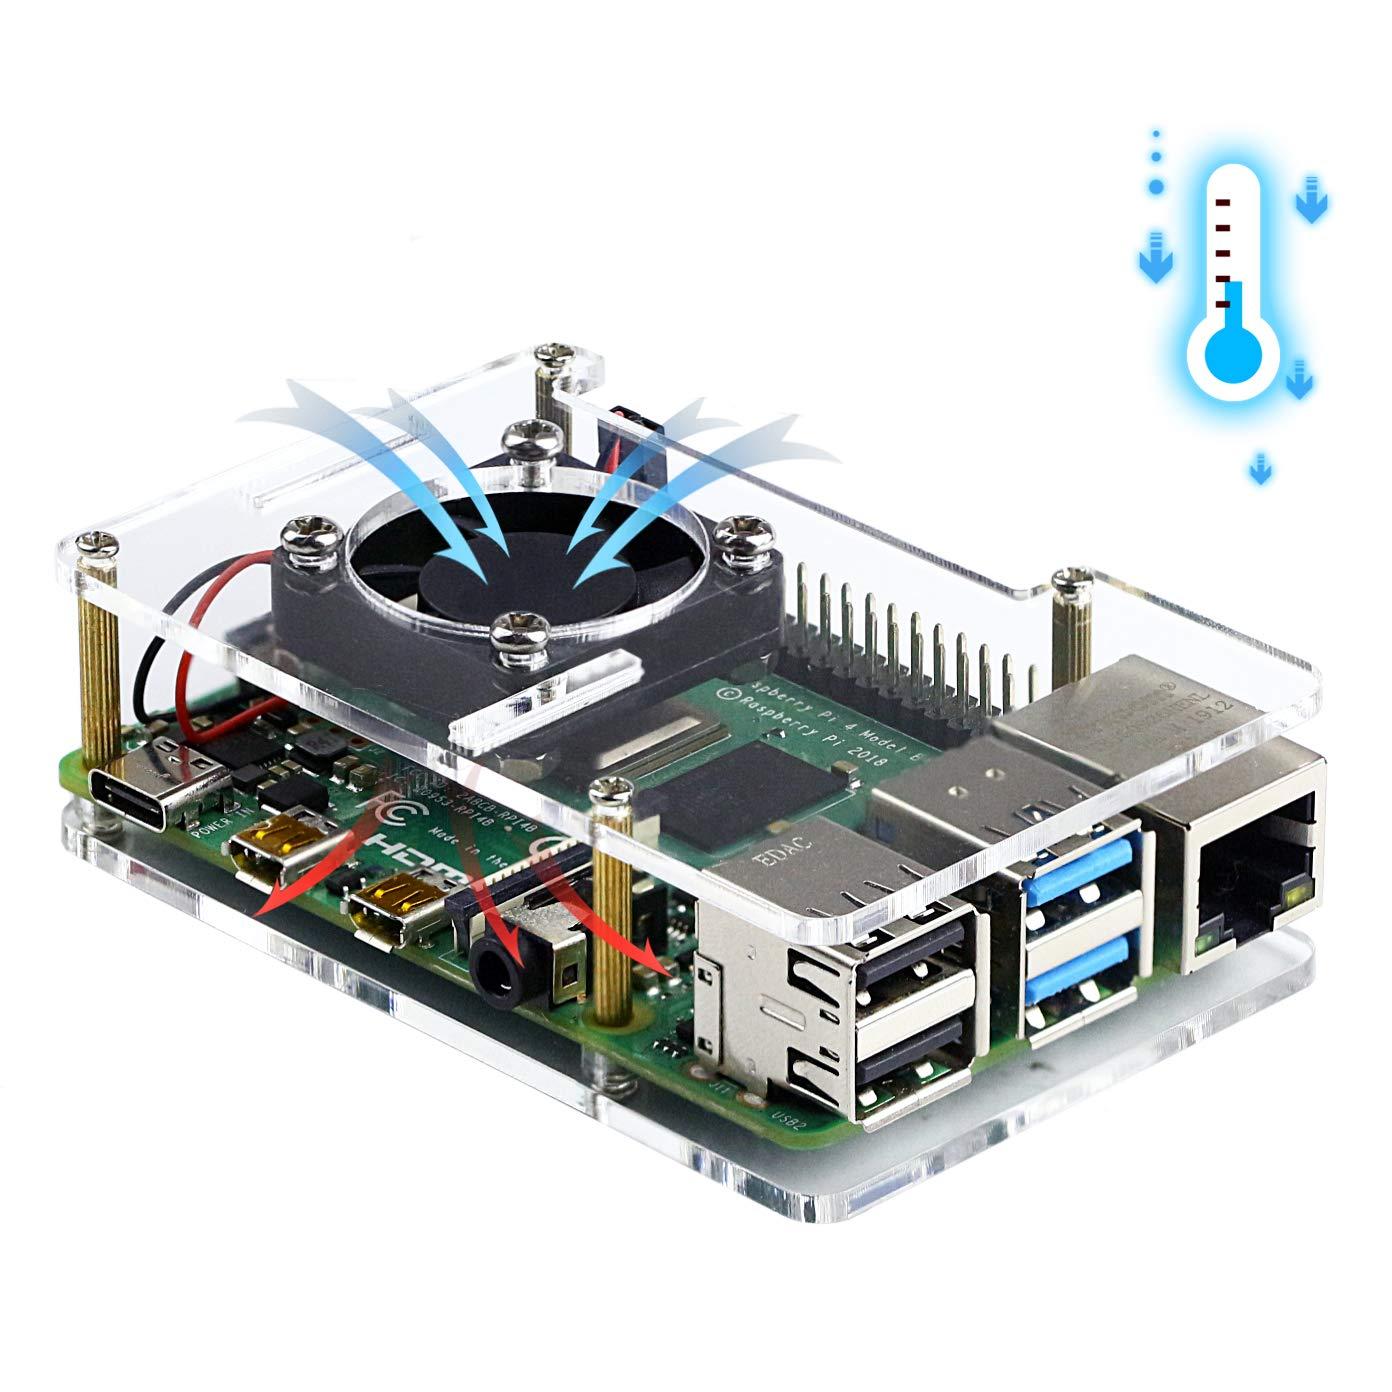 Amazon.com: Jun-Electron Acrylic Case for Raspberry Pi 4 ...